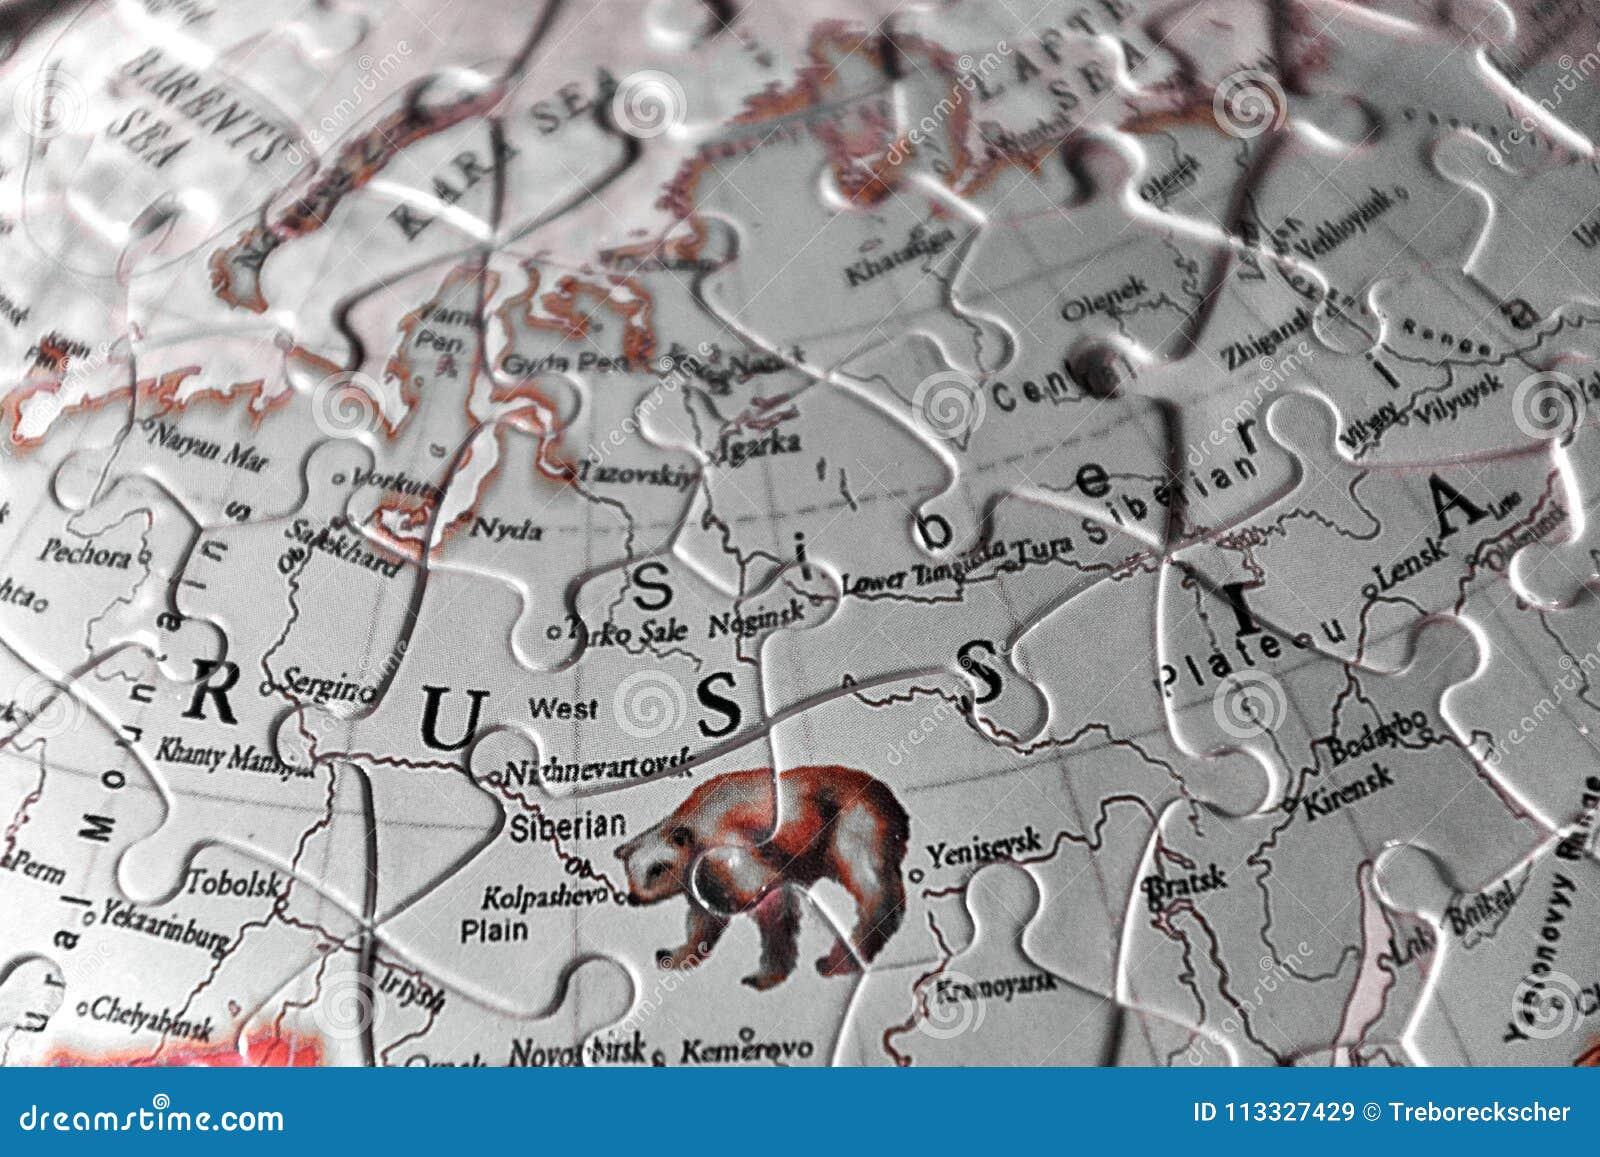 Raadselkaart en de Brieven van de naam van het land van Rusland in blac